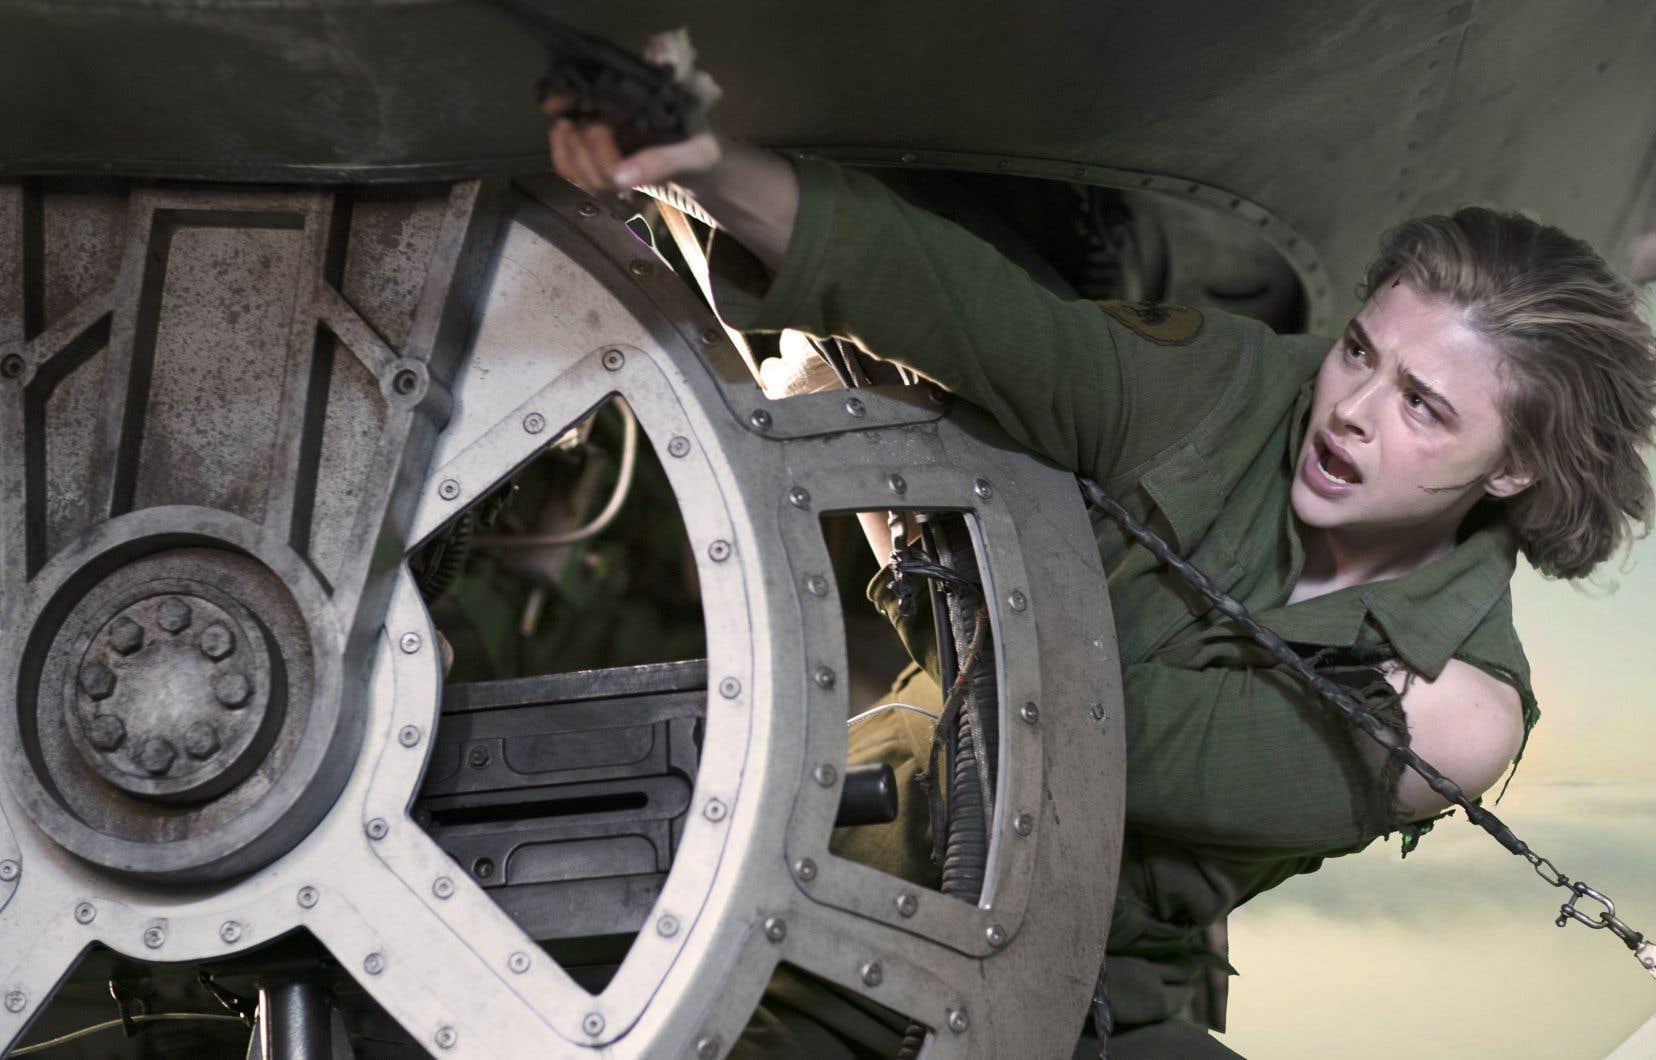 La protagoniste s'appelle Maude Garrett (Chloë Grace Moretz), est officière d'aviation, et son embarcation inopinée à bord du «Fool's Errand» ne fait pas du tout l'affaire de l'équipage mâle.